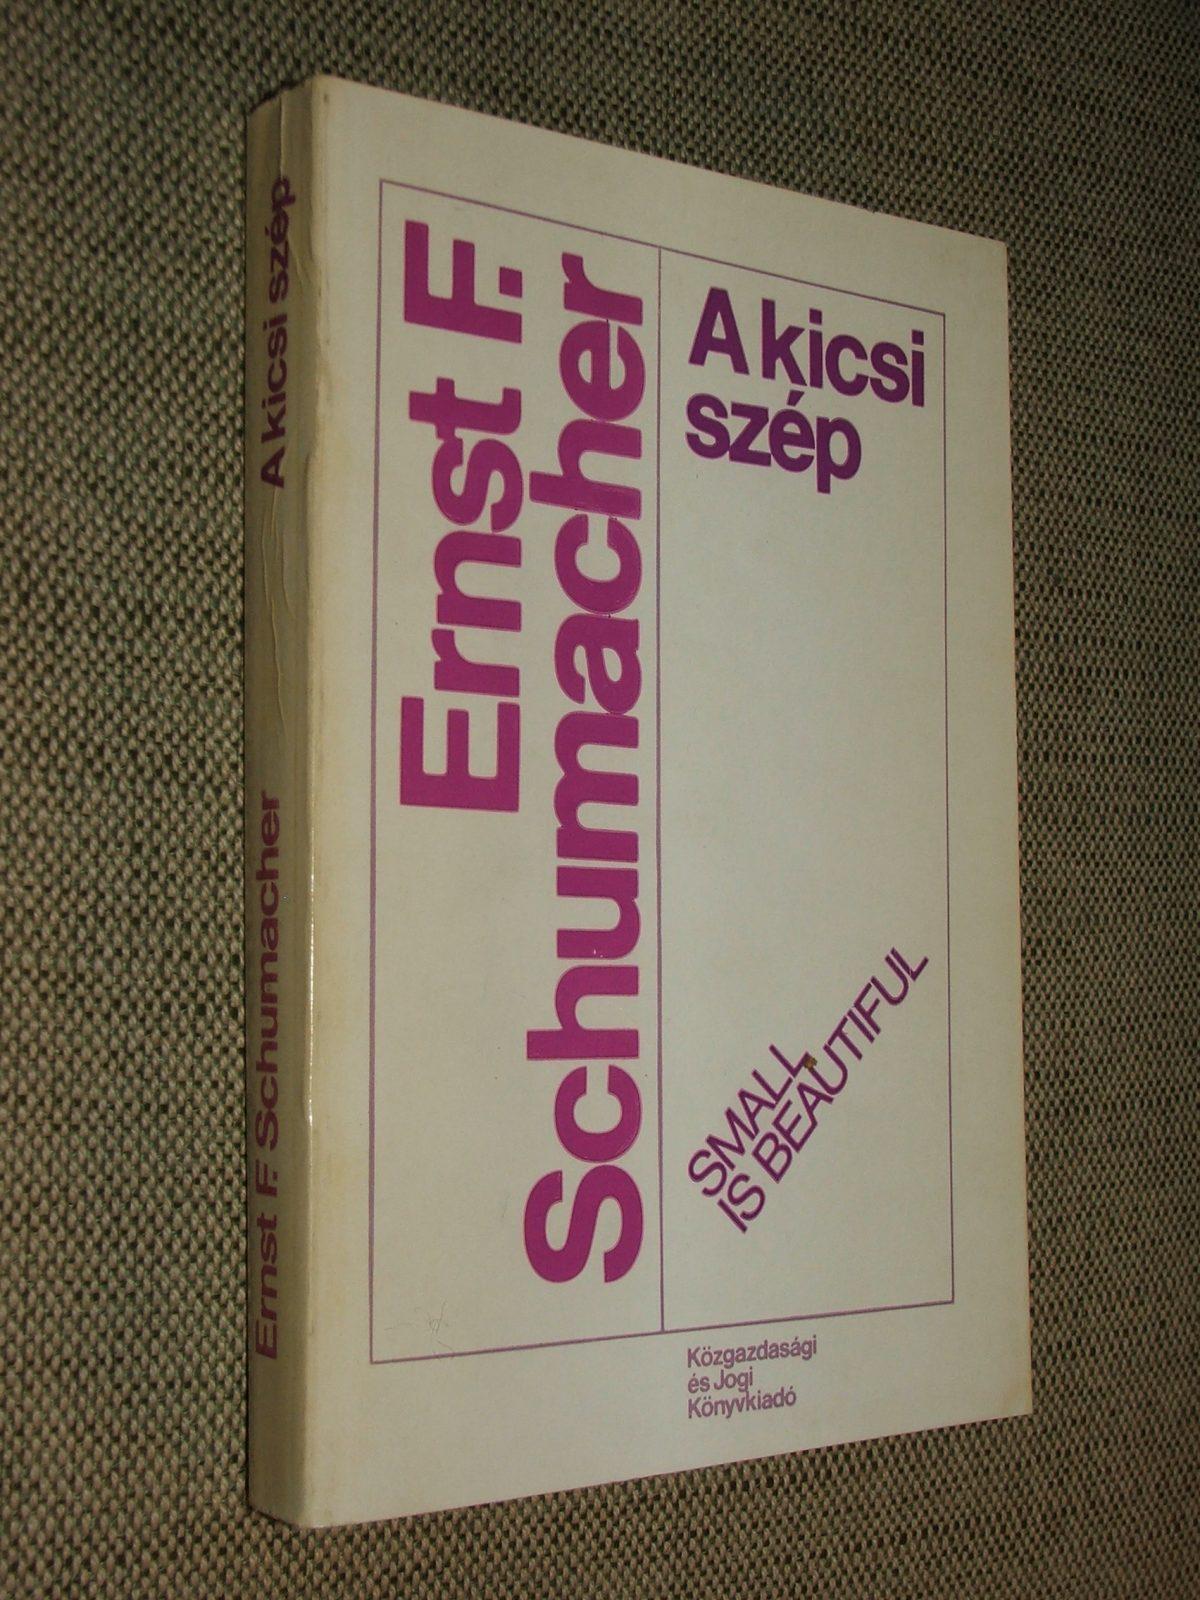 SCHUMACHER, Ernst F.: A kicsi szép